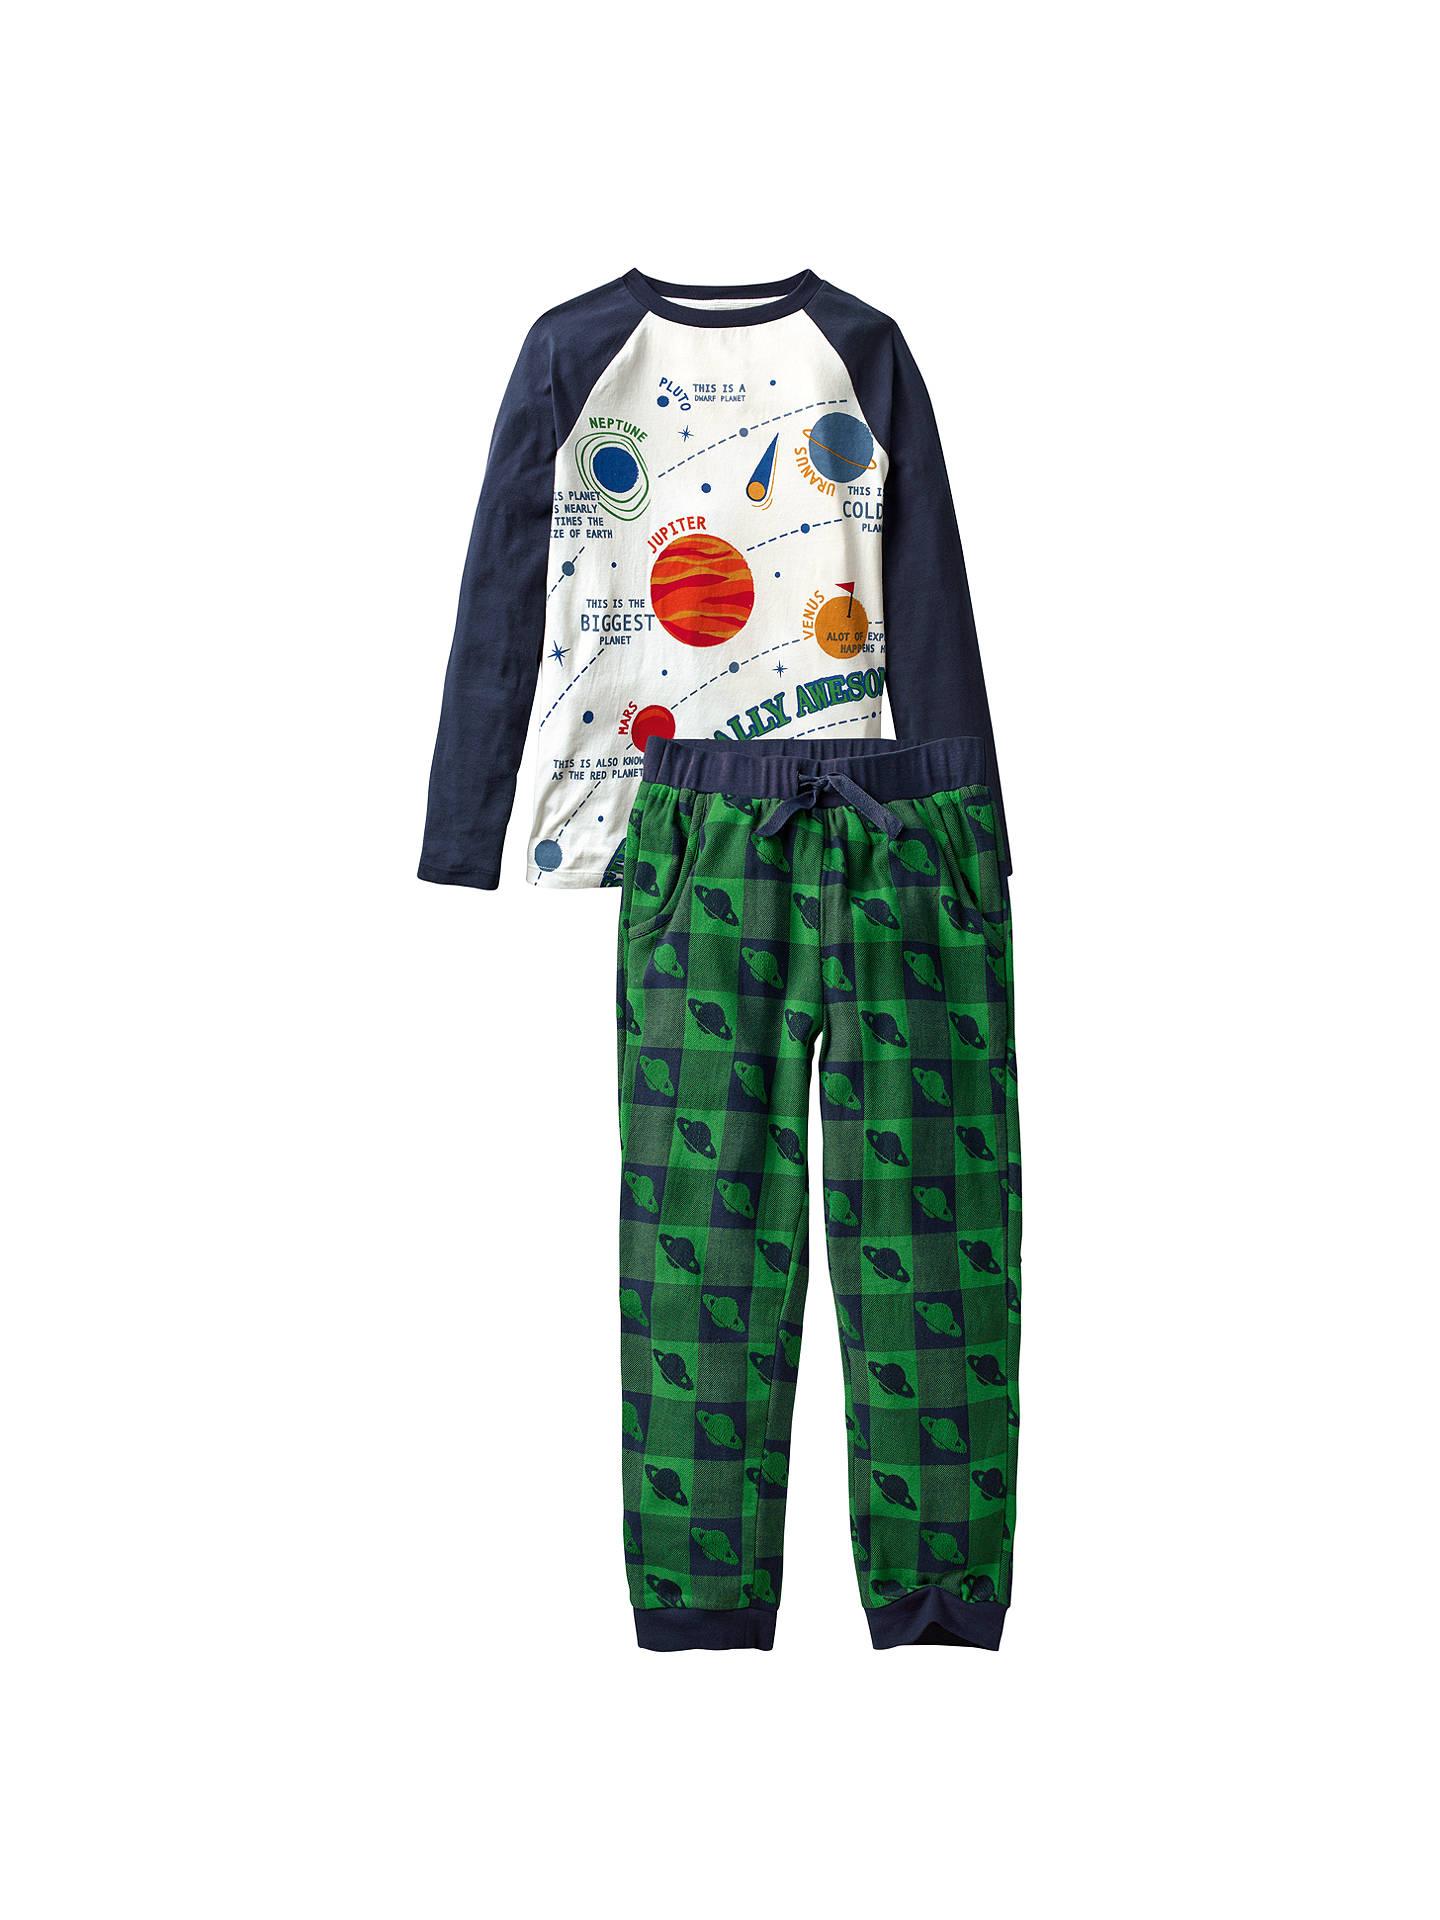 d371805a3766 Buy Fat Face Children s Alien Check Pyjamas